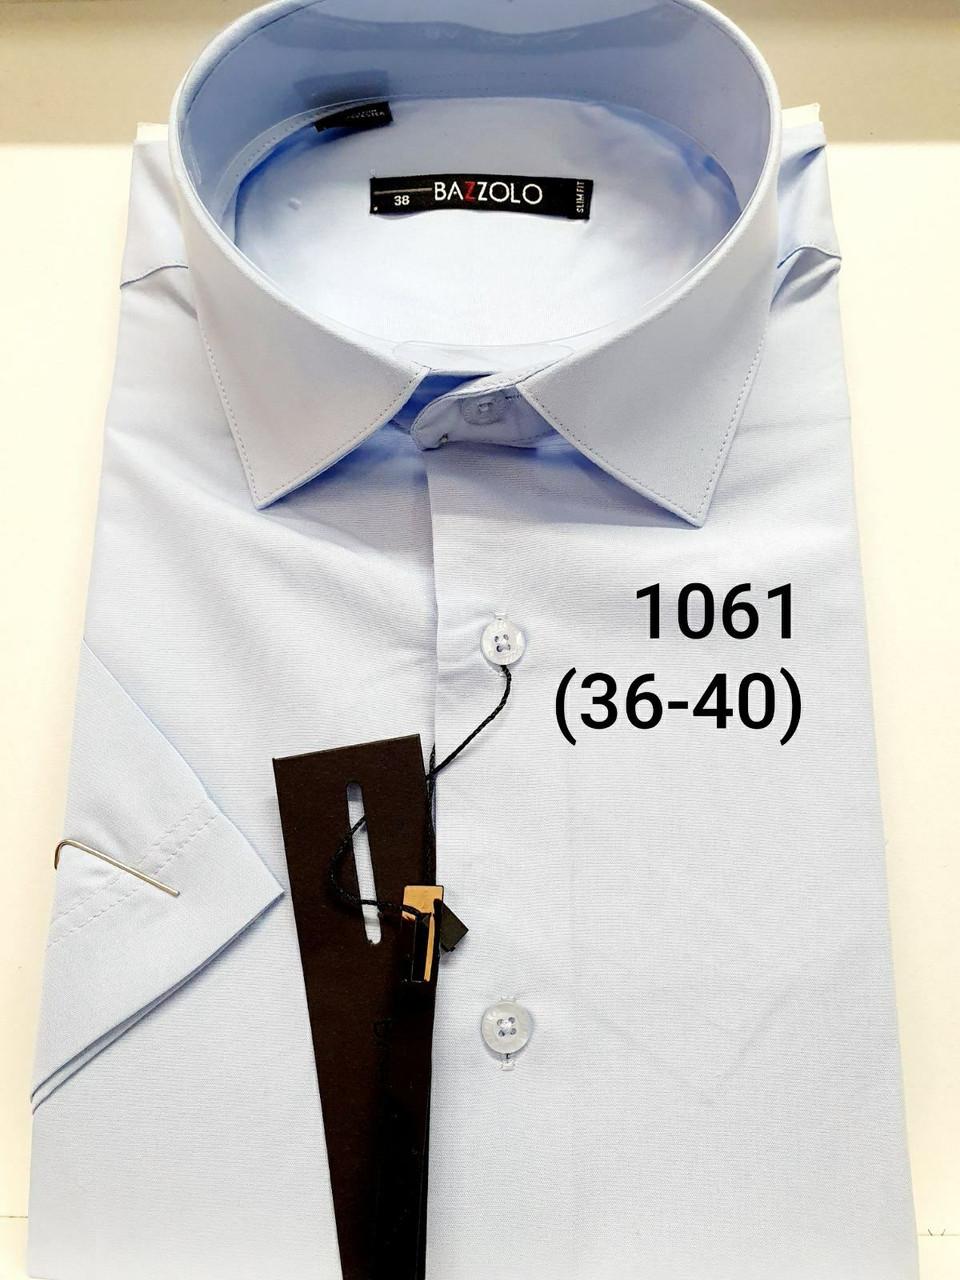 Сорочка з коротким рукавом Bazzolo 1061